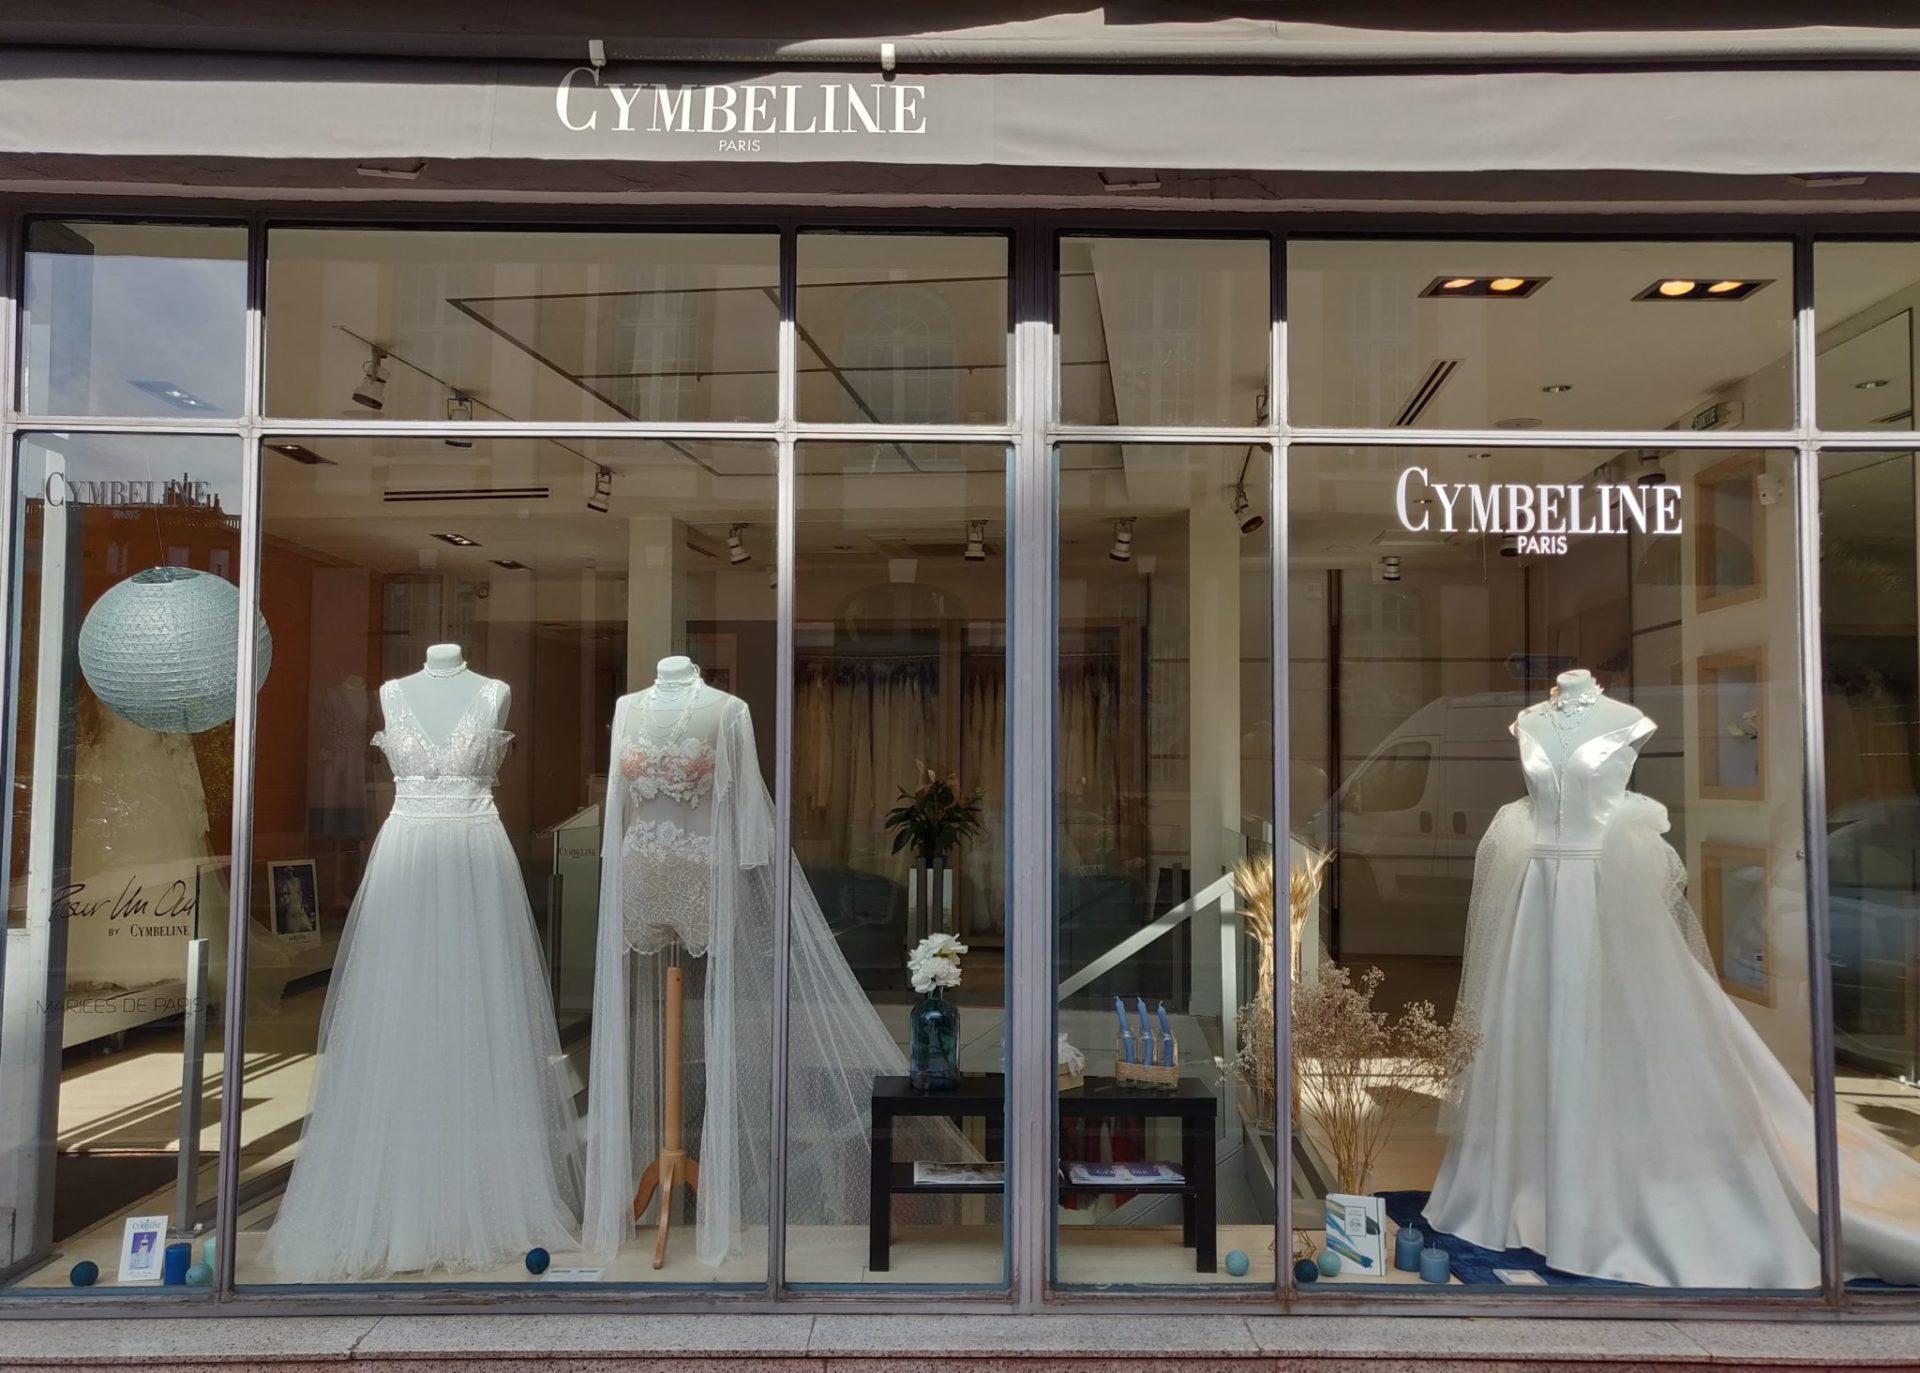 Boutique Cymbeline Toulouse - Cymbeline -